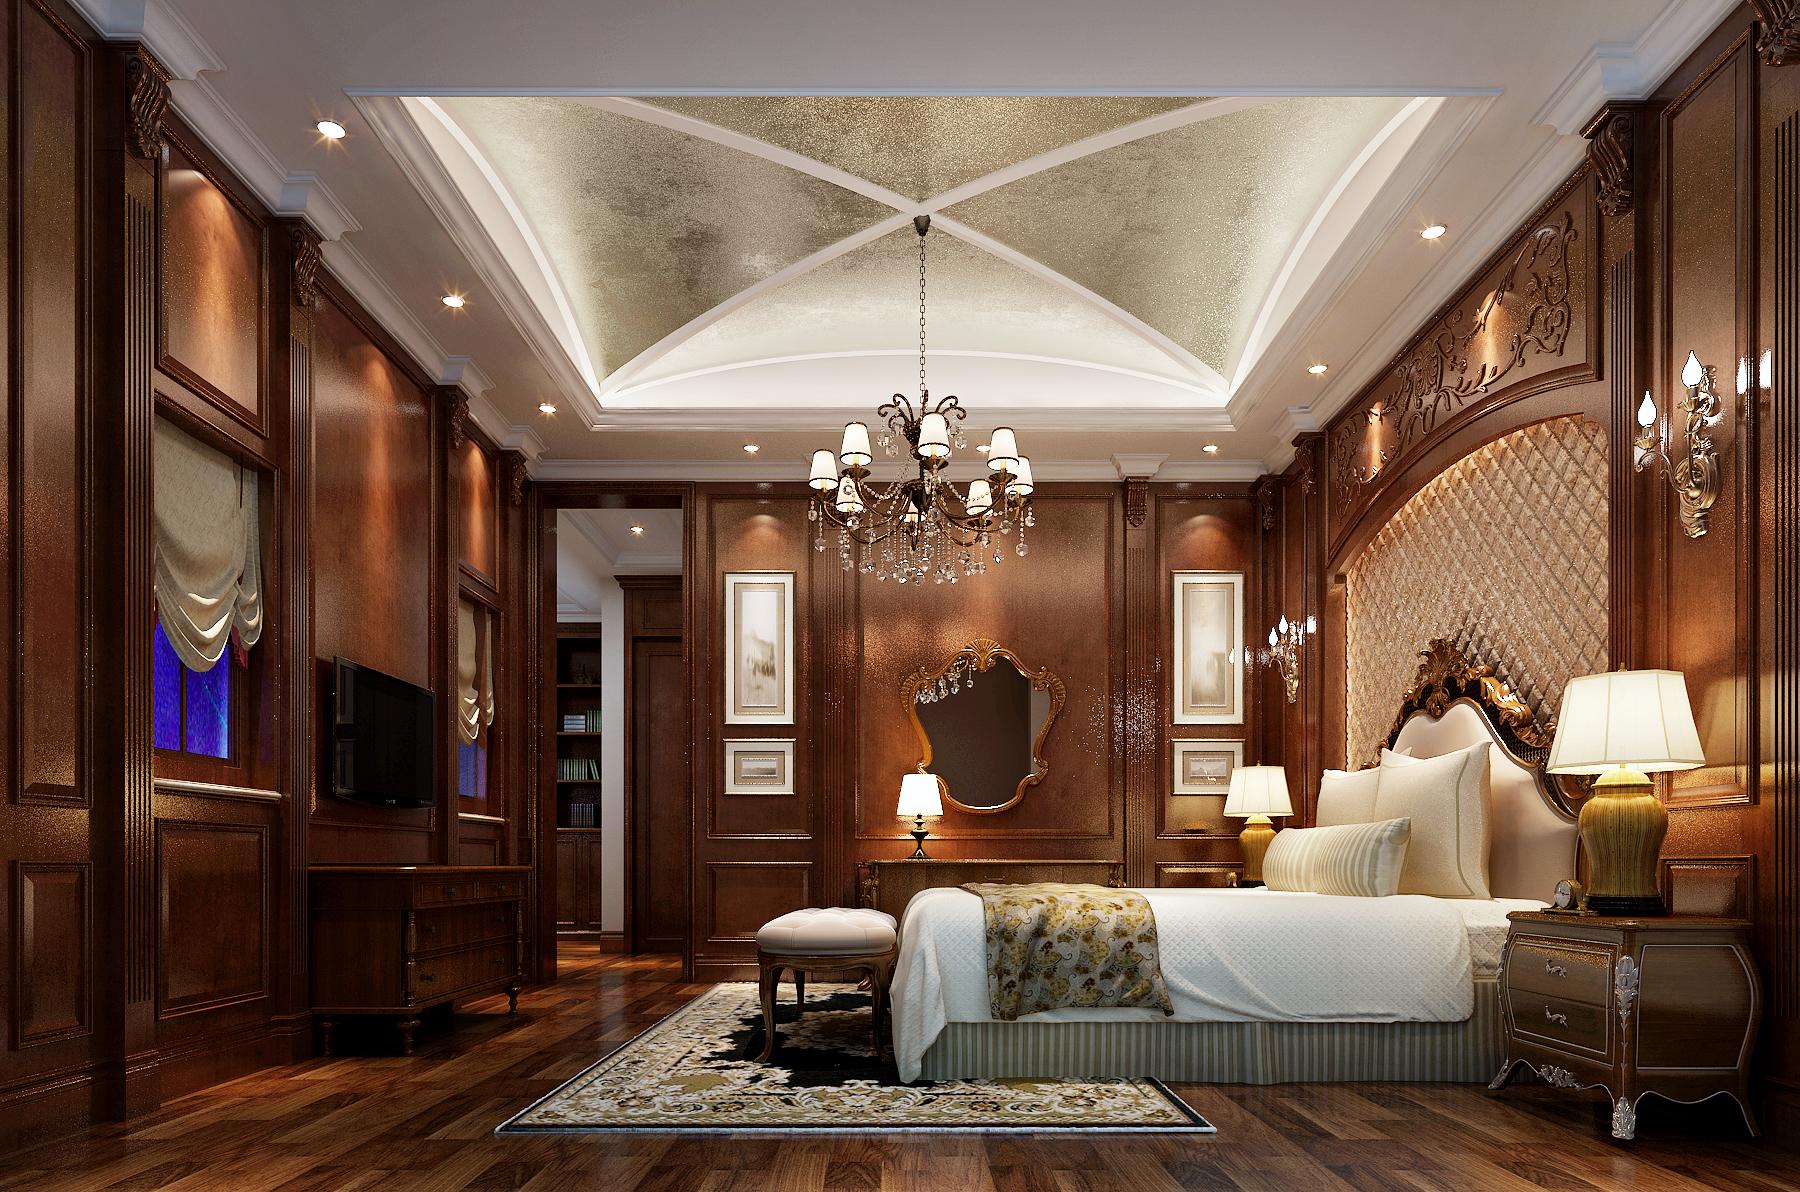 美式风格 凡尔赛宫 卧室图片来自新浪家居江西站在凡尔赛宫的分享